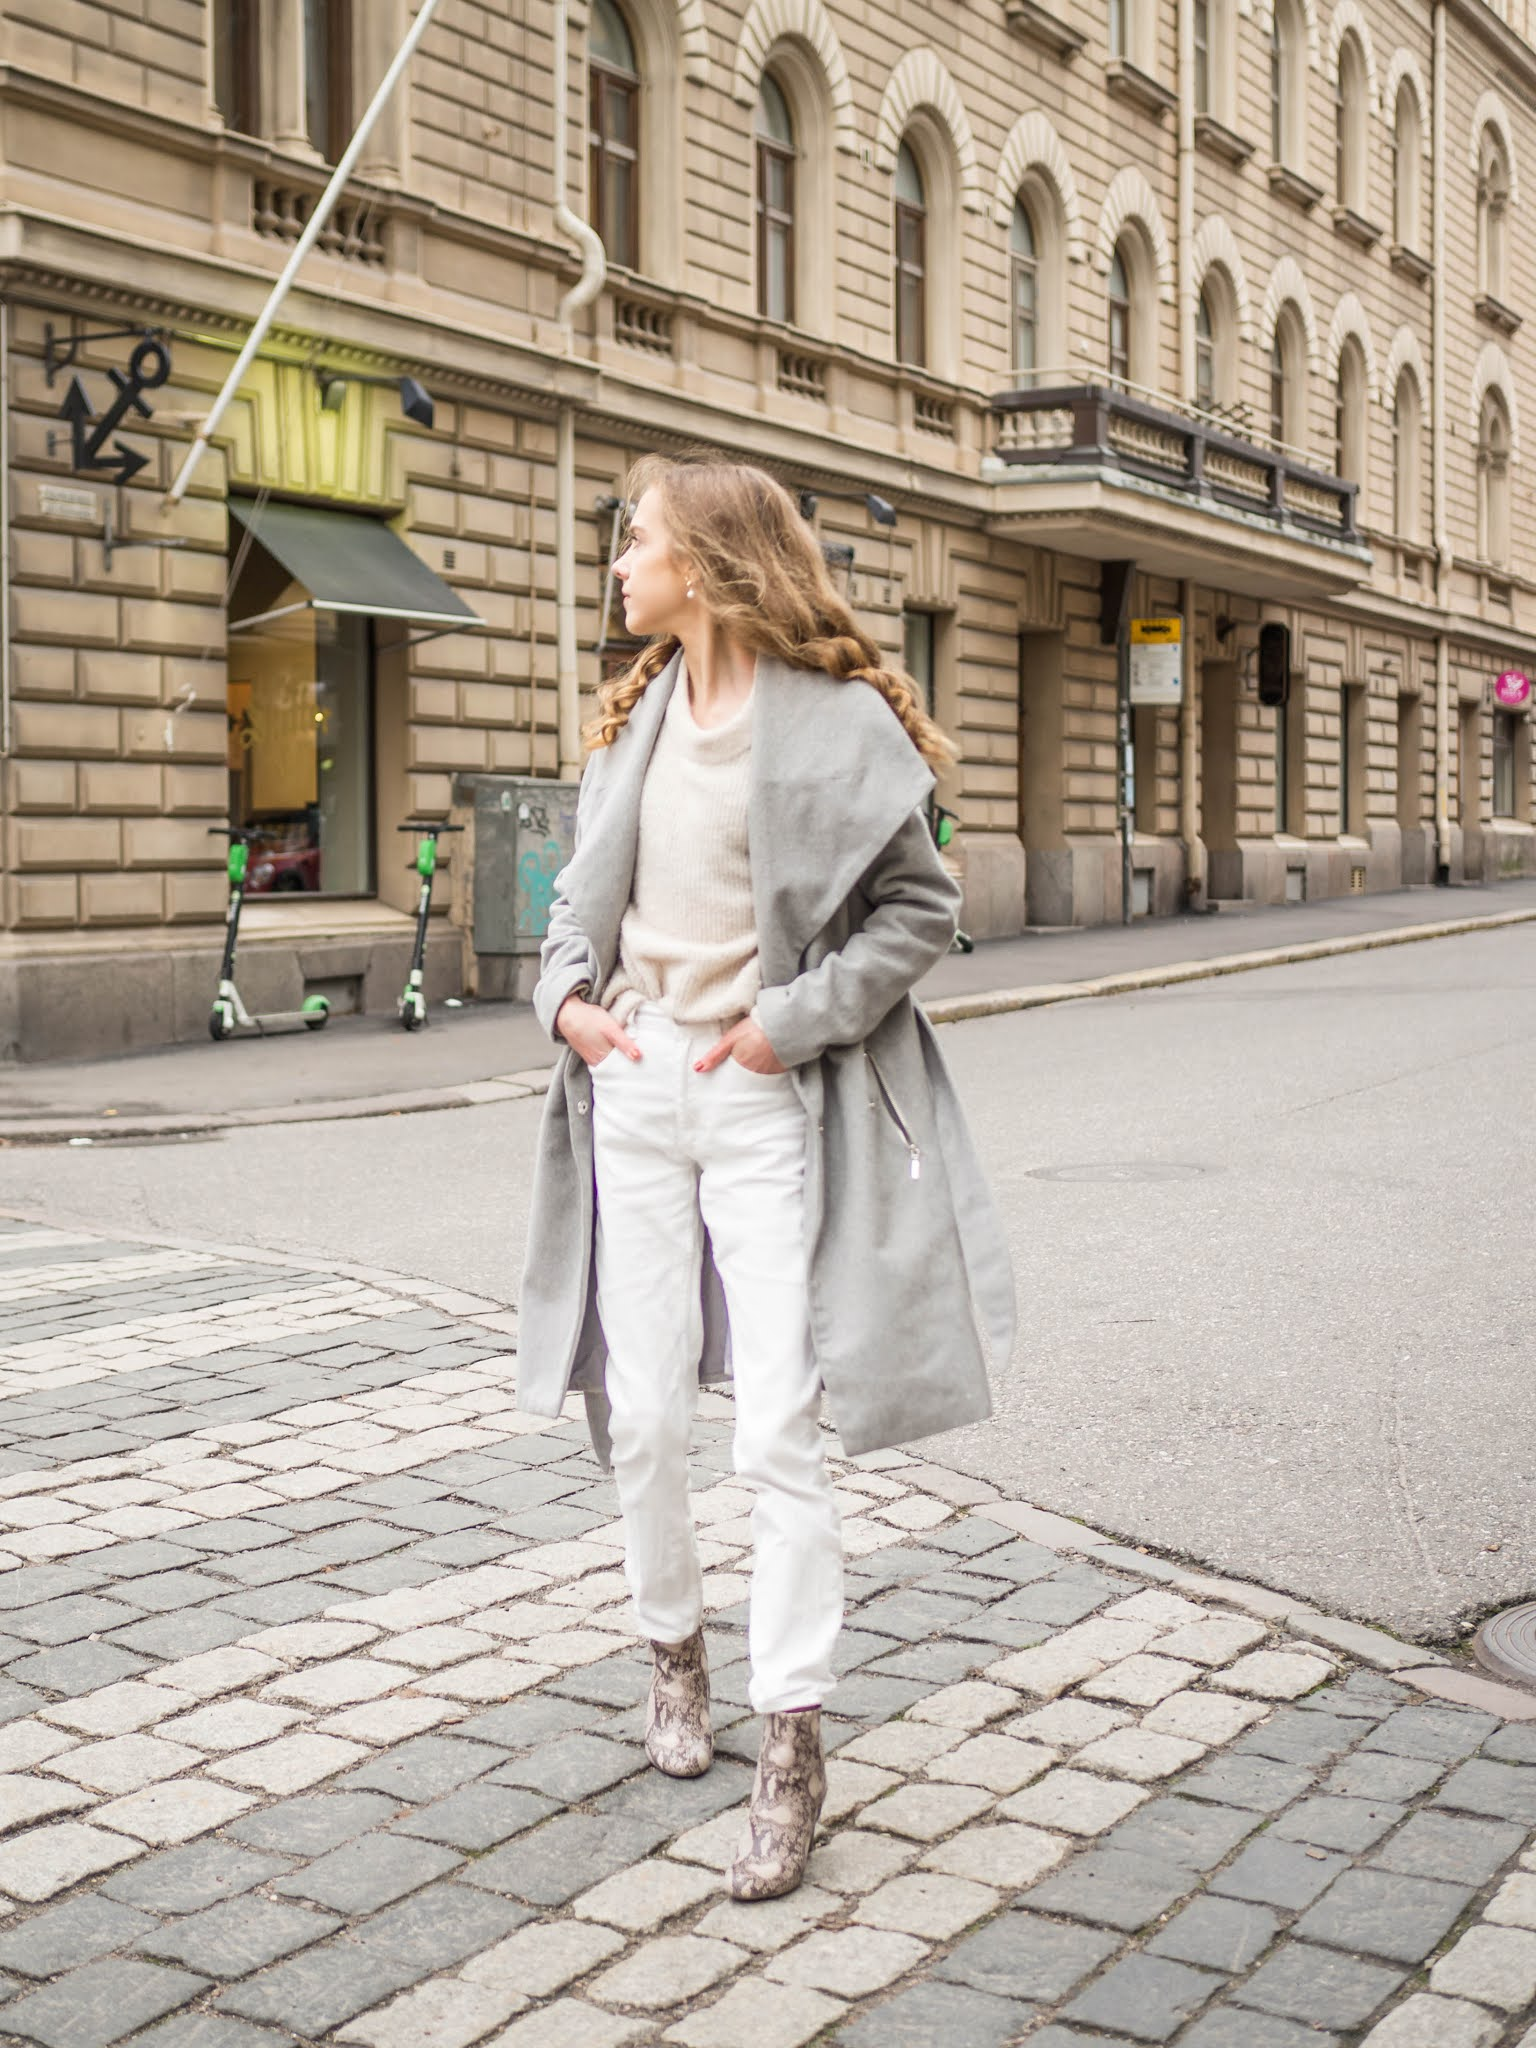 Kuinka pukea valkoiset farkut talvella // How to wear white jeans in winter